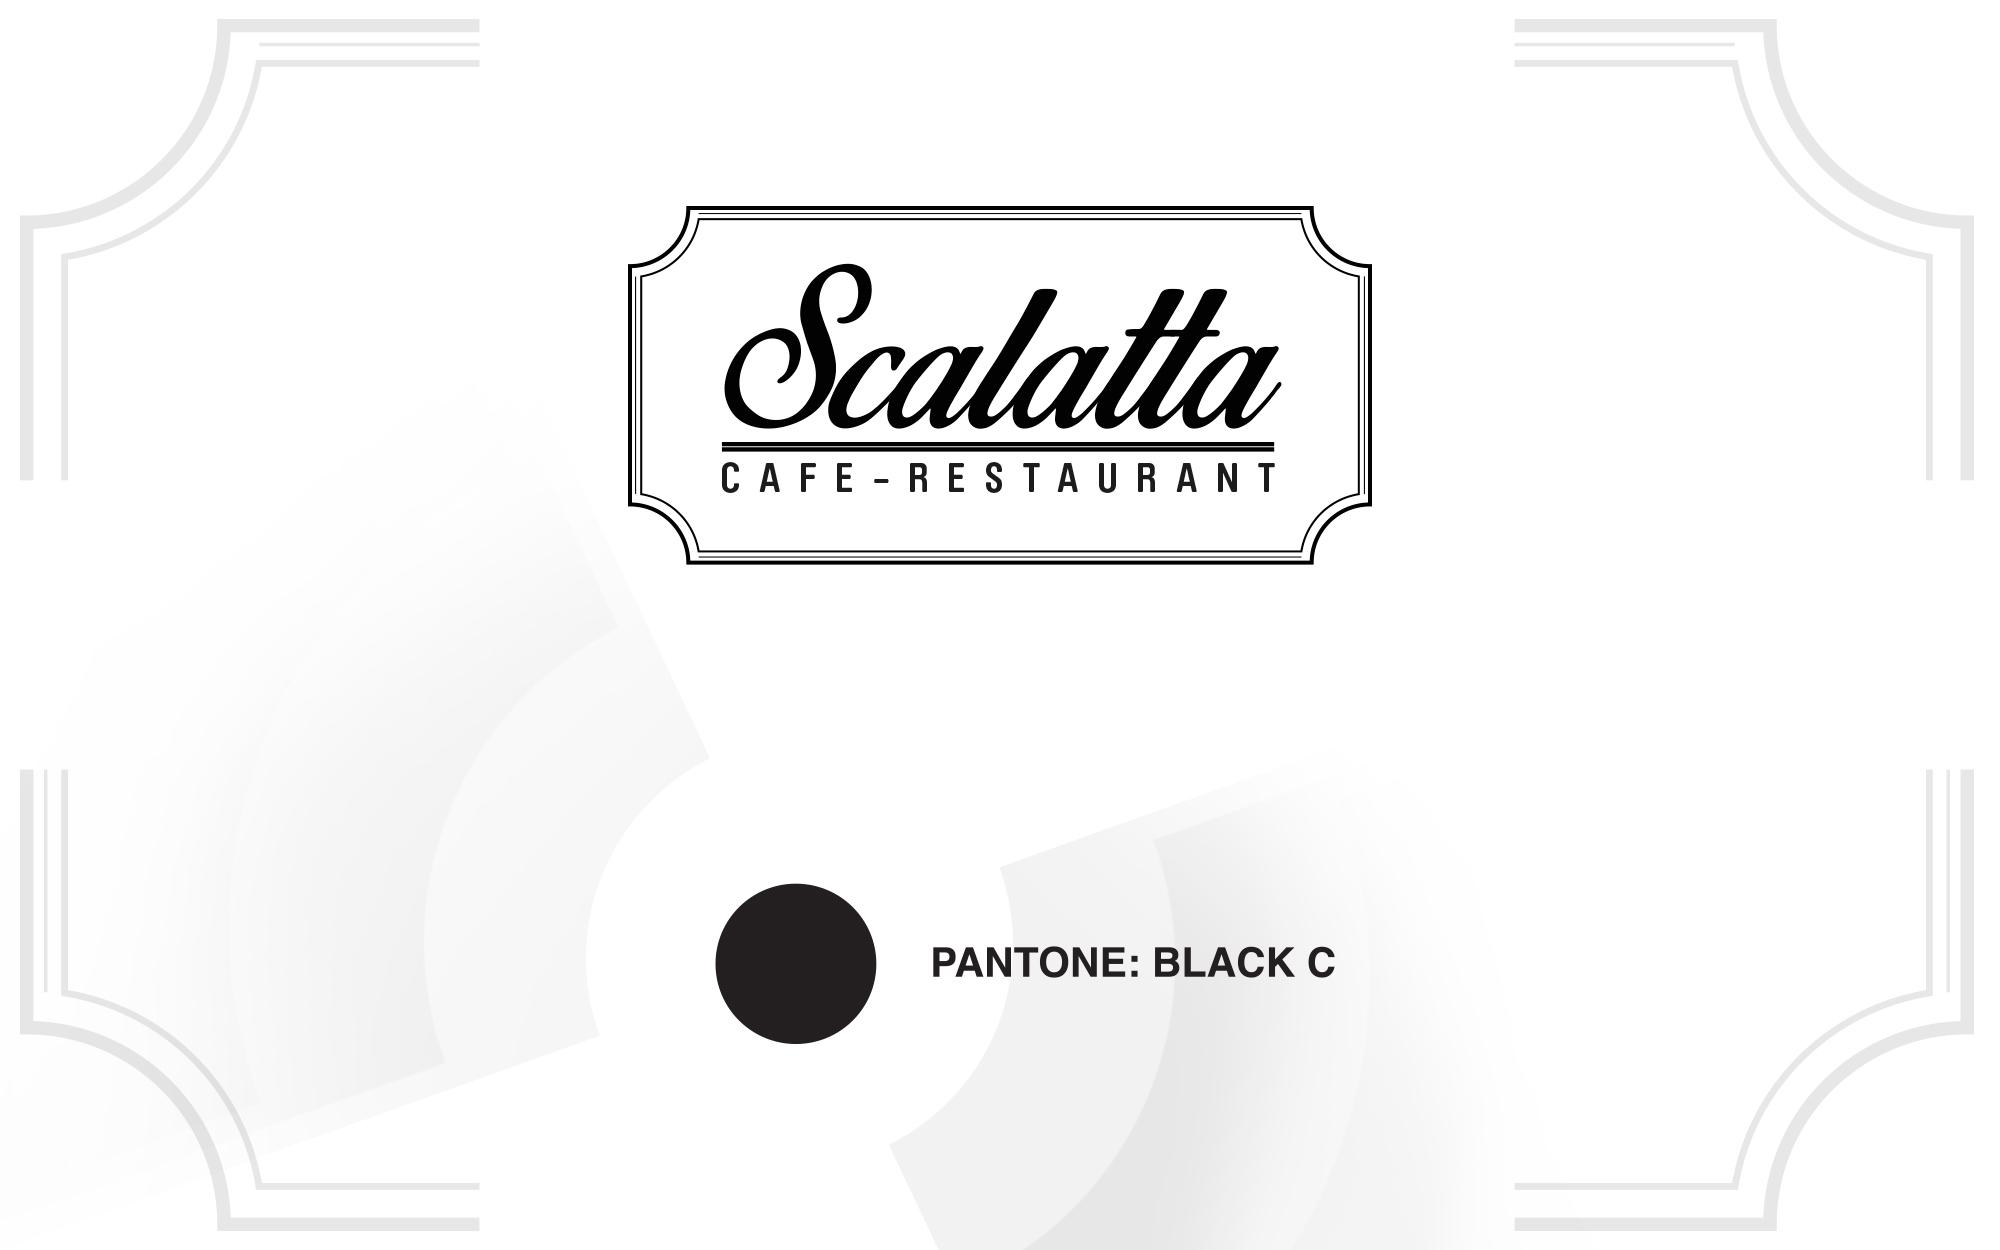 Nar_Turizm_28_scalatta_logo_tasarimi